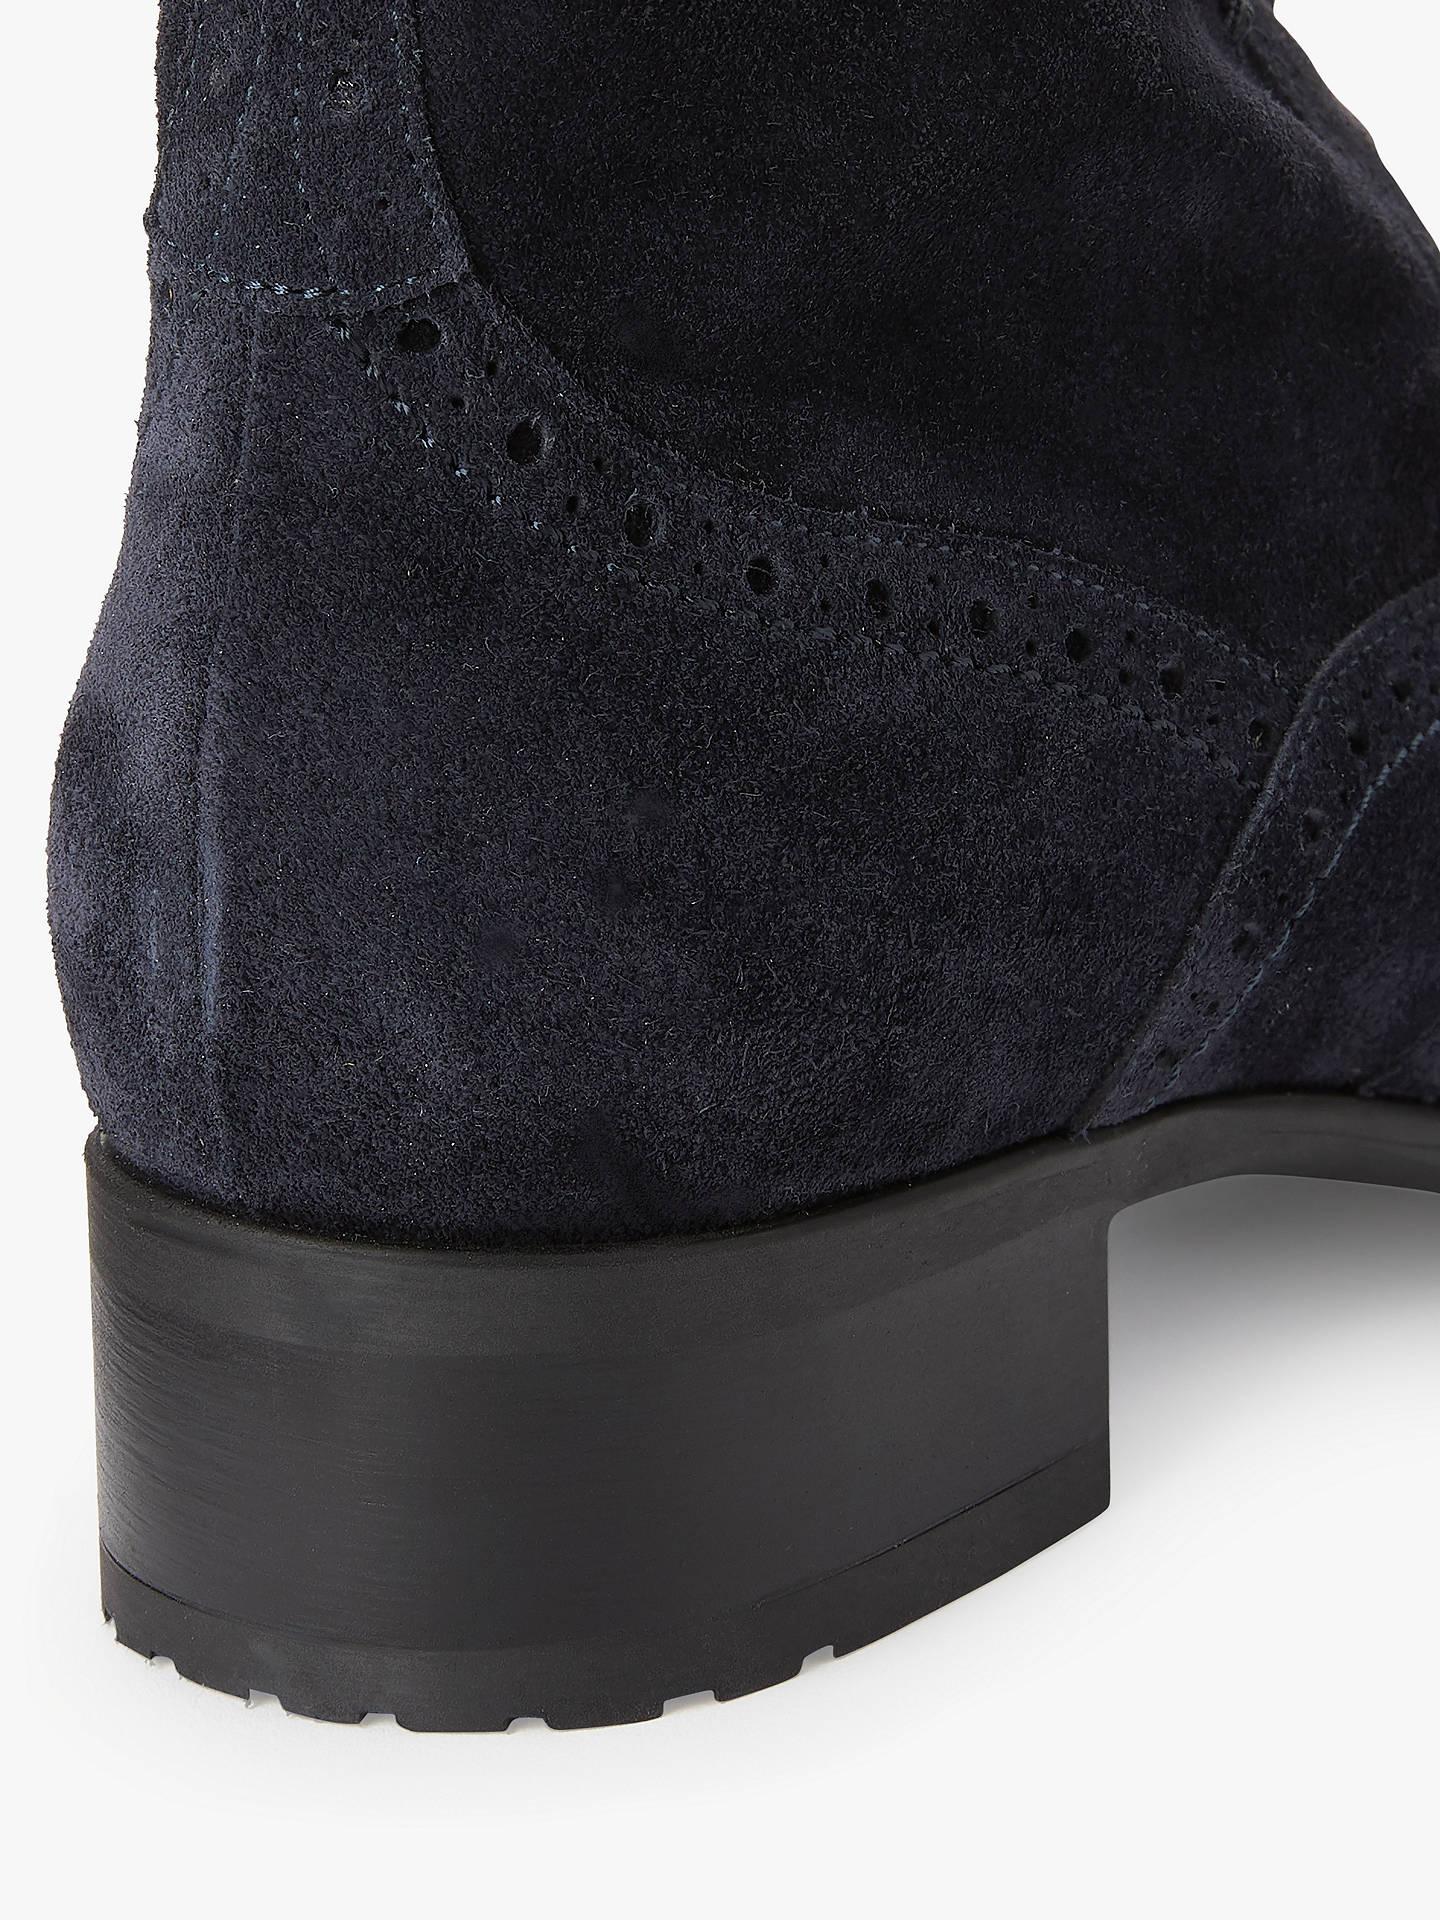 cd8d734e097 ... Buy John Lewis   Partners Cambridge Lace-Up Ankle Boots